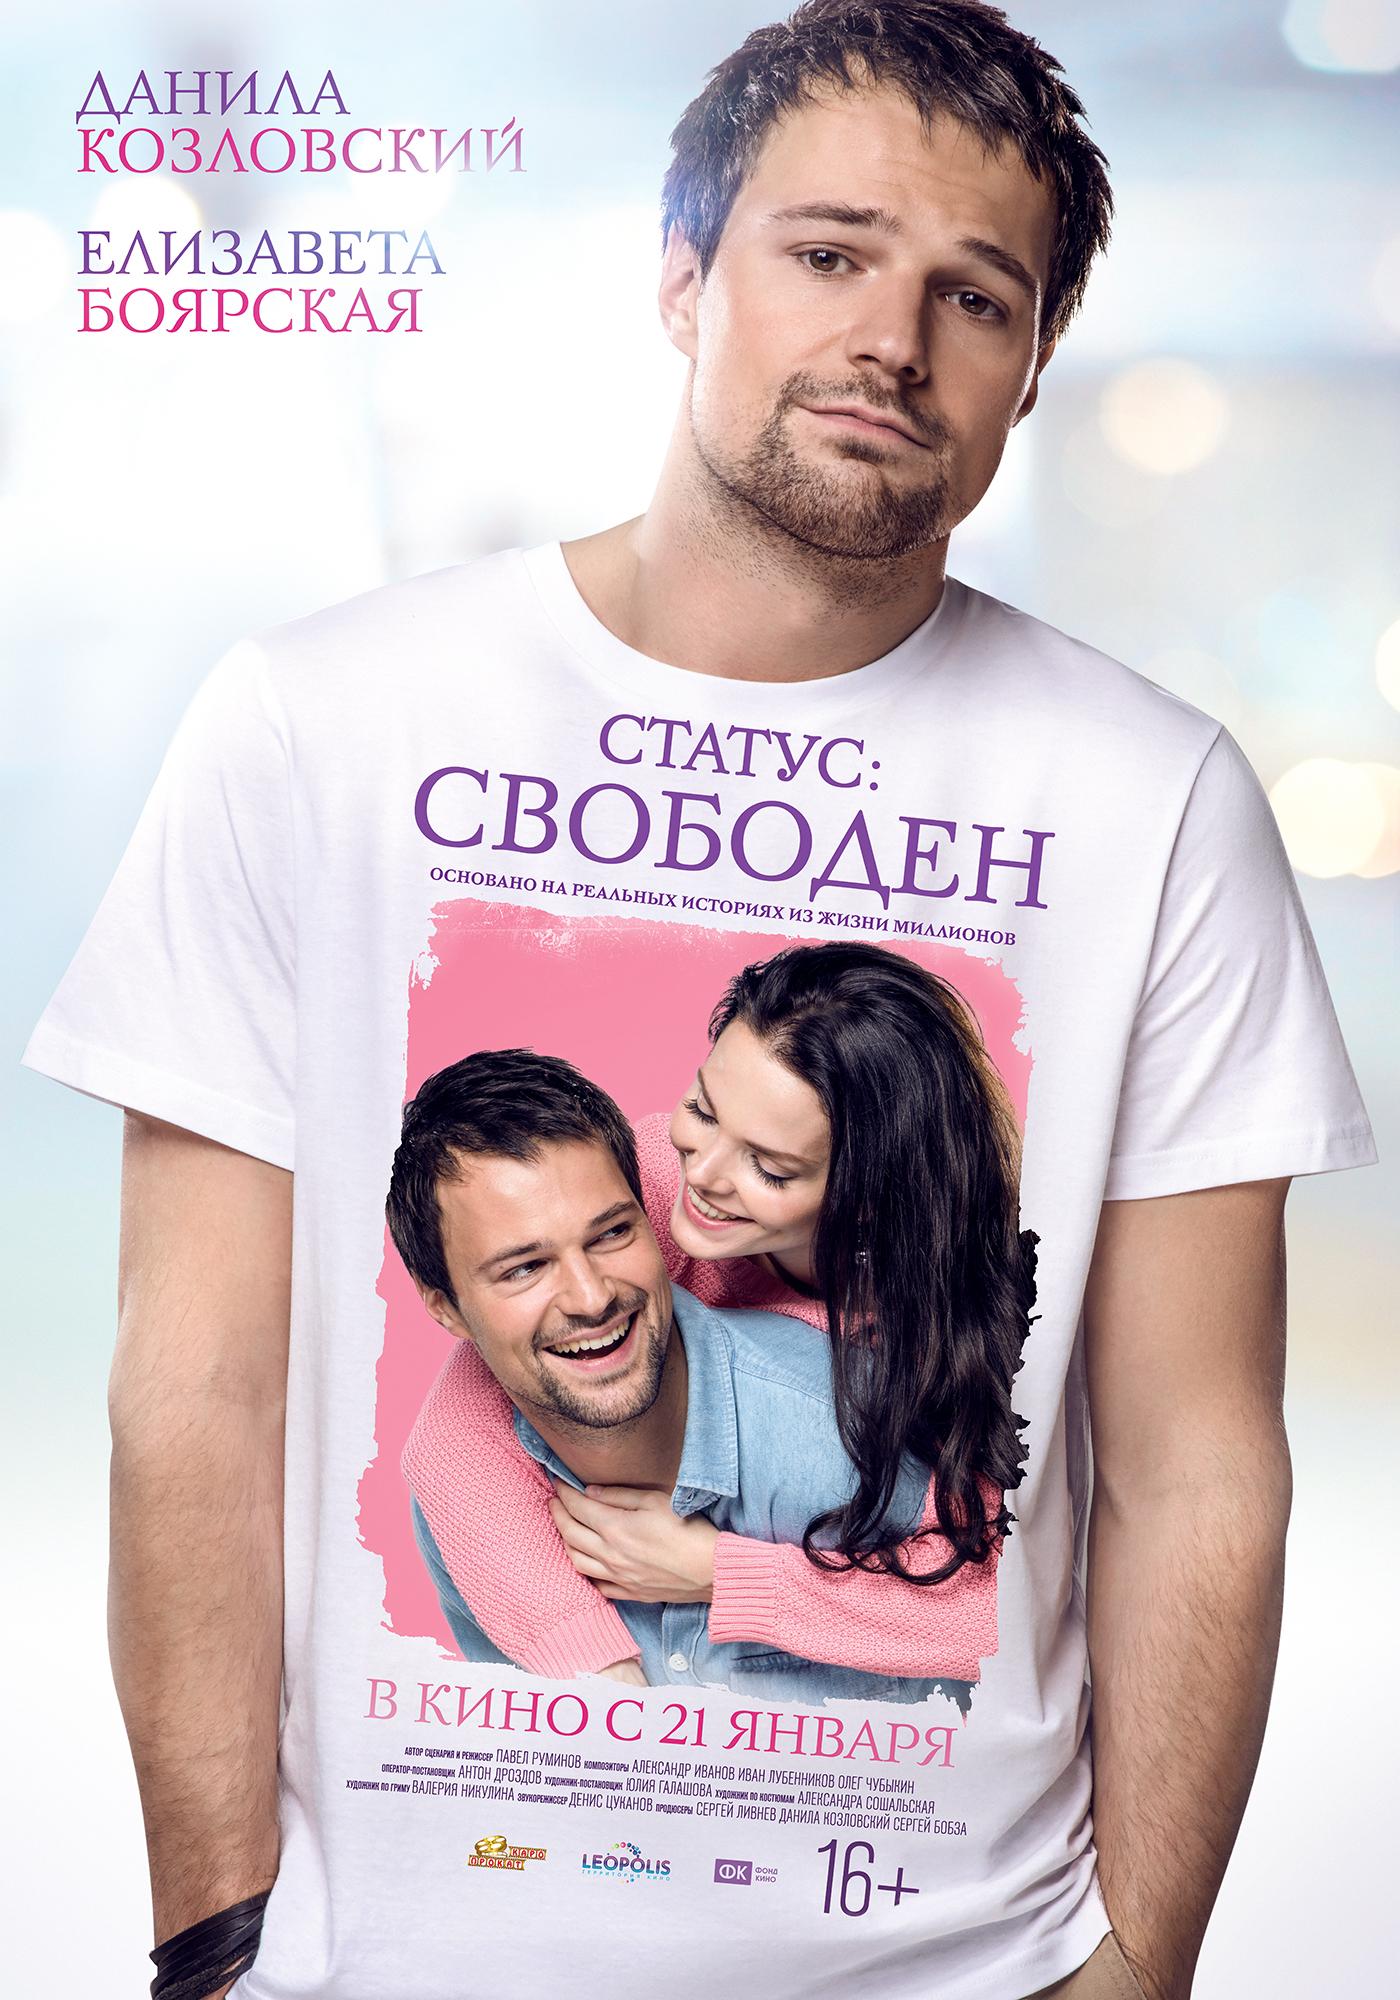 https://www.film.ru/sites/default/files/movies/posters/9575678-814621.jpg